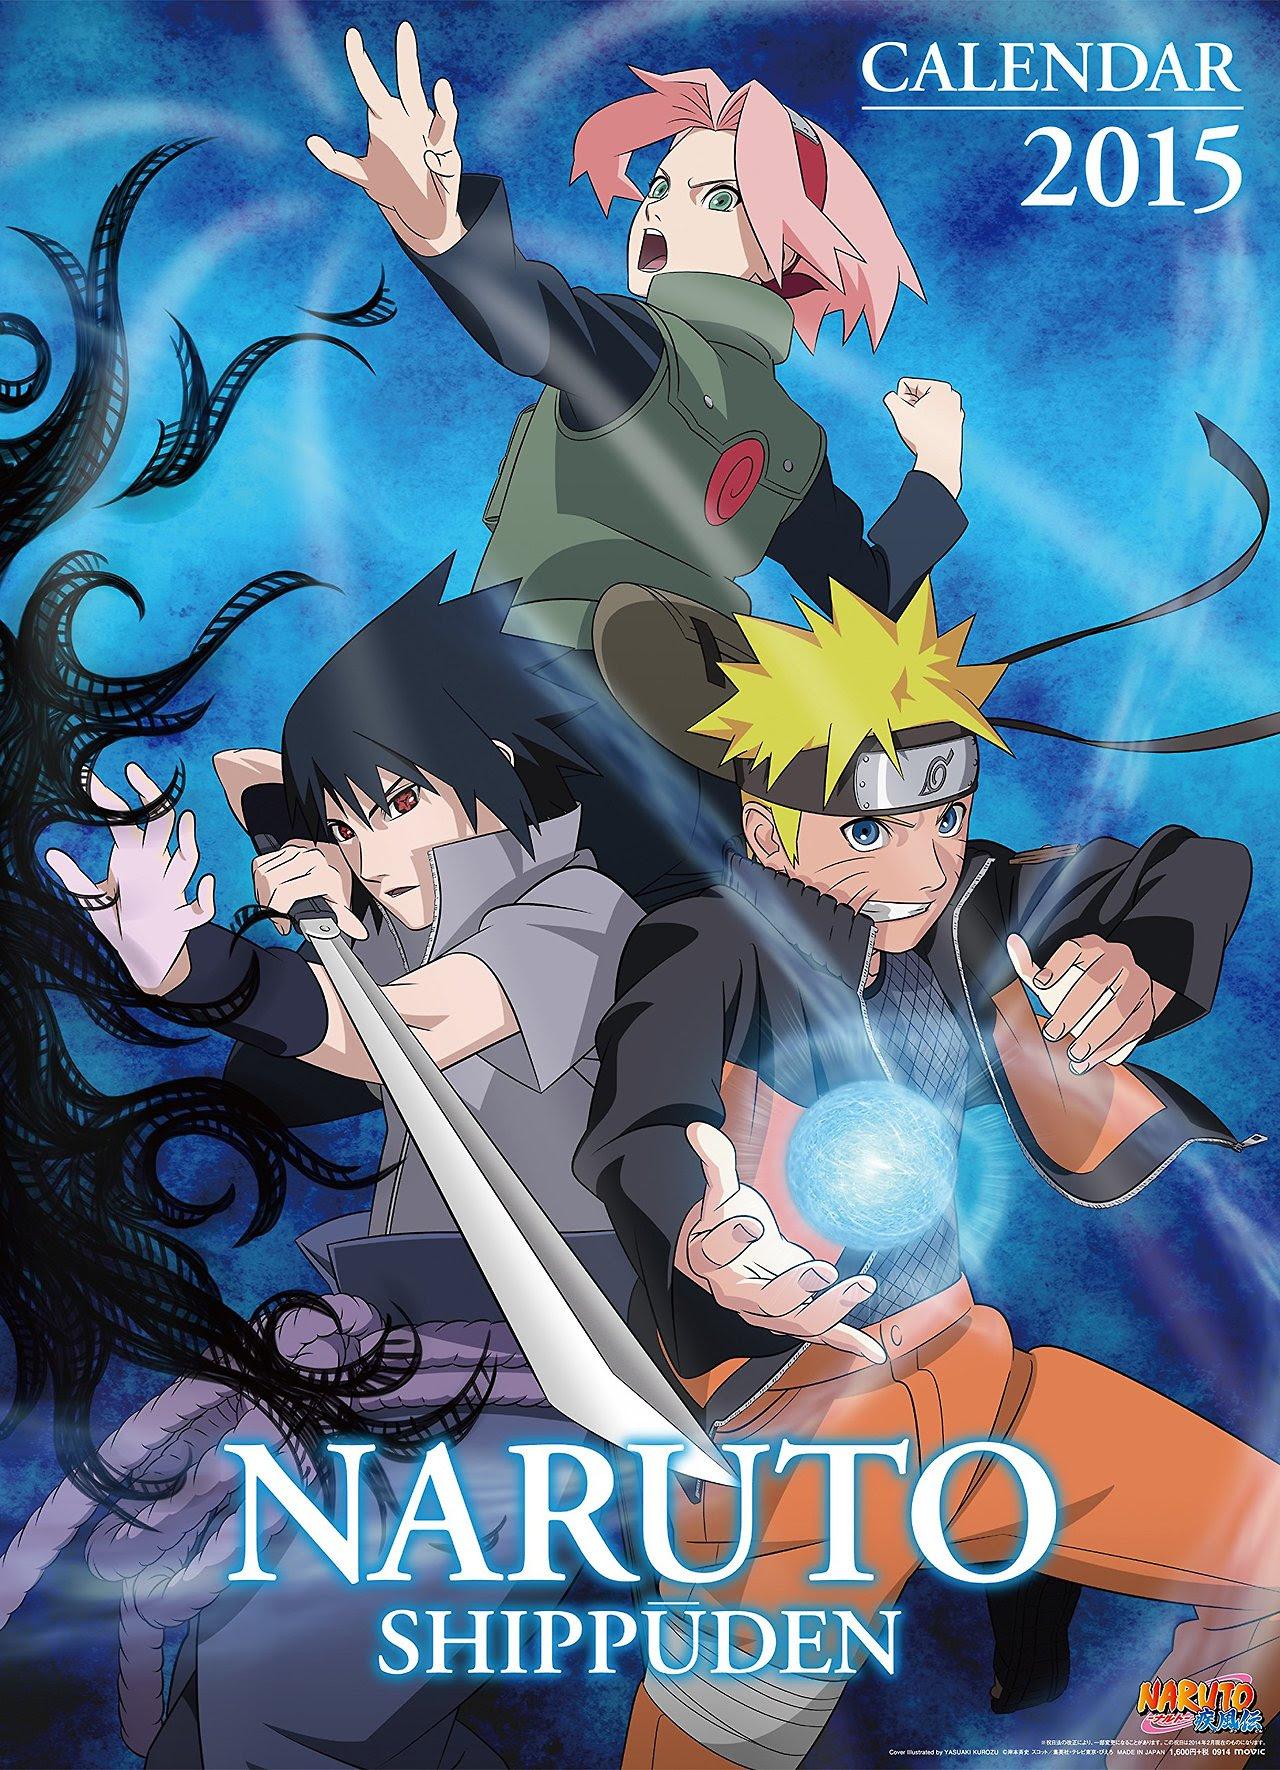 Official Naruto Shippuden Anime Calendar 2015 : Naruto